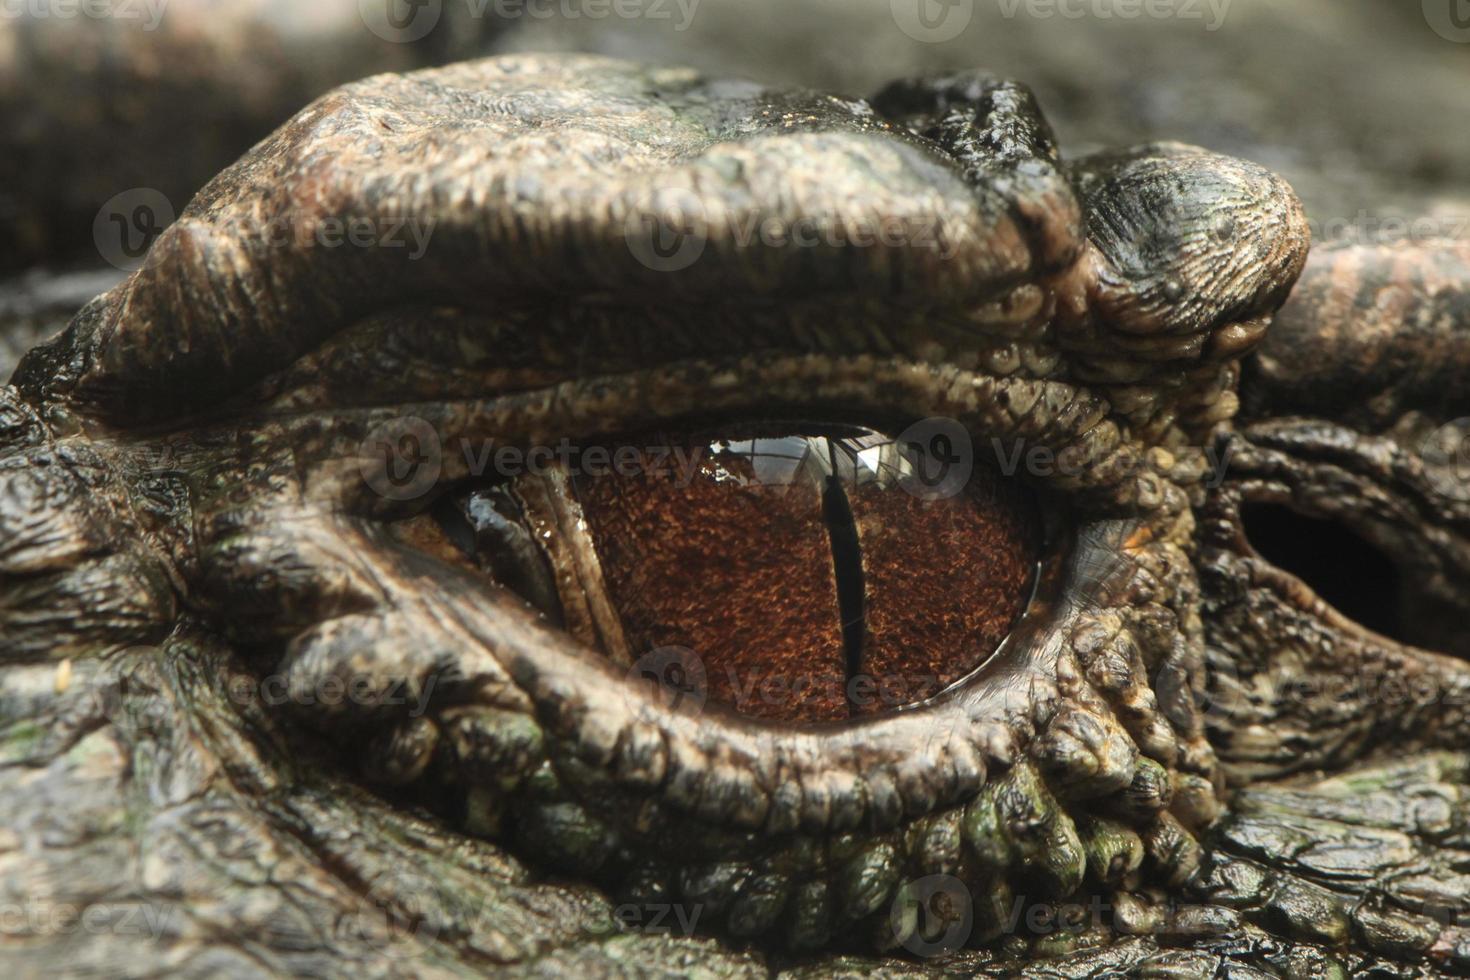 caimano dalla faccia liscia (paleosuchus trigonatus). foto